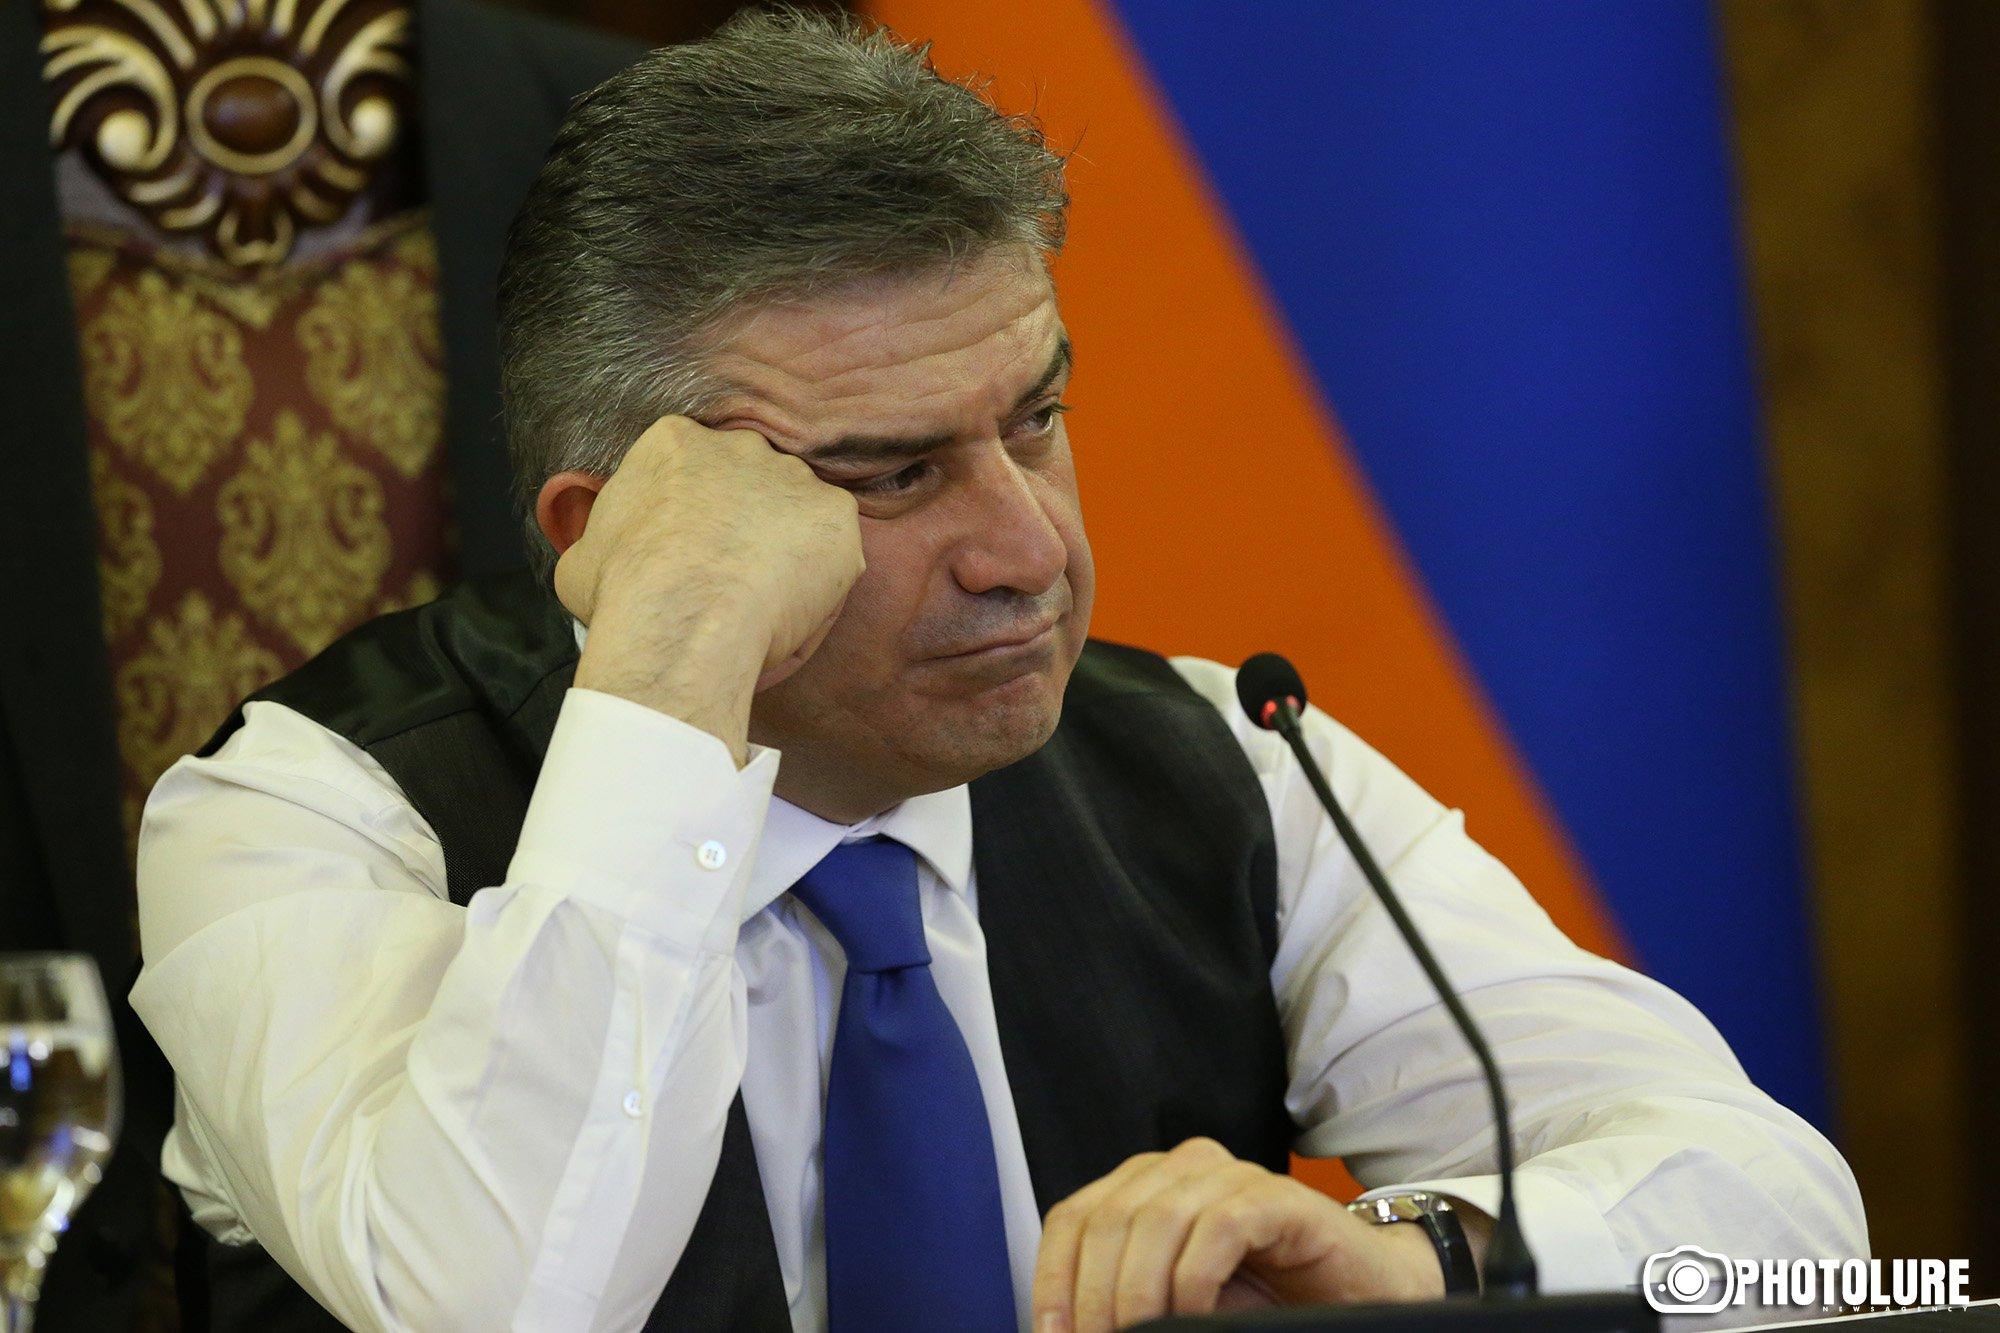 Վարչապետի կոշտ պատասխանը Արծվիկ Մինասյանին.Տեսանյութ